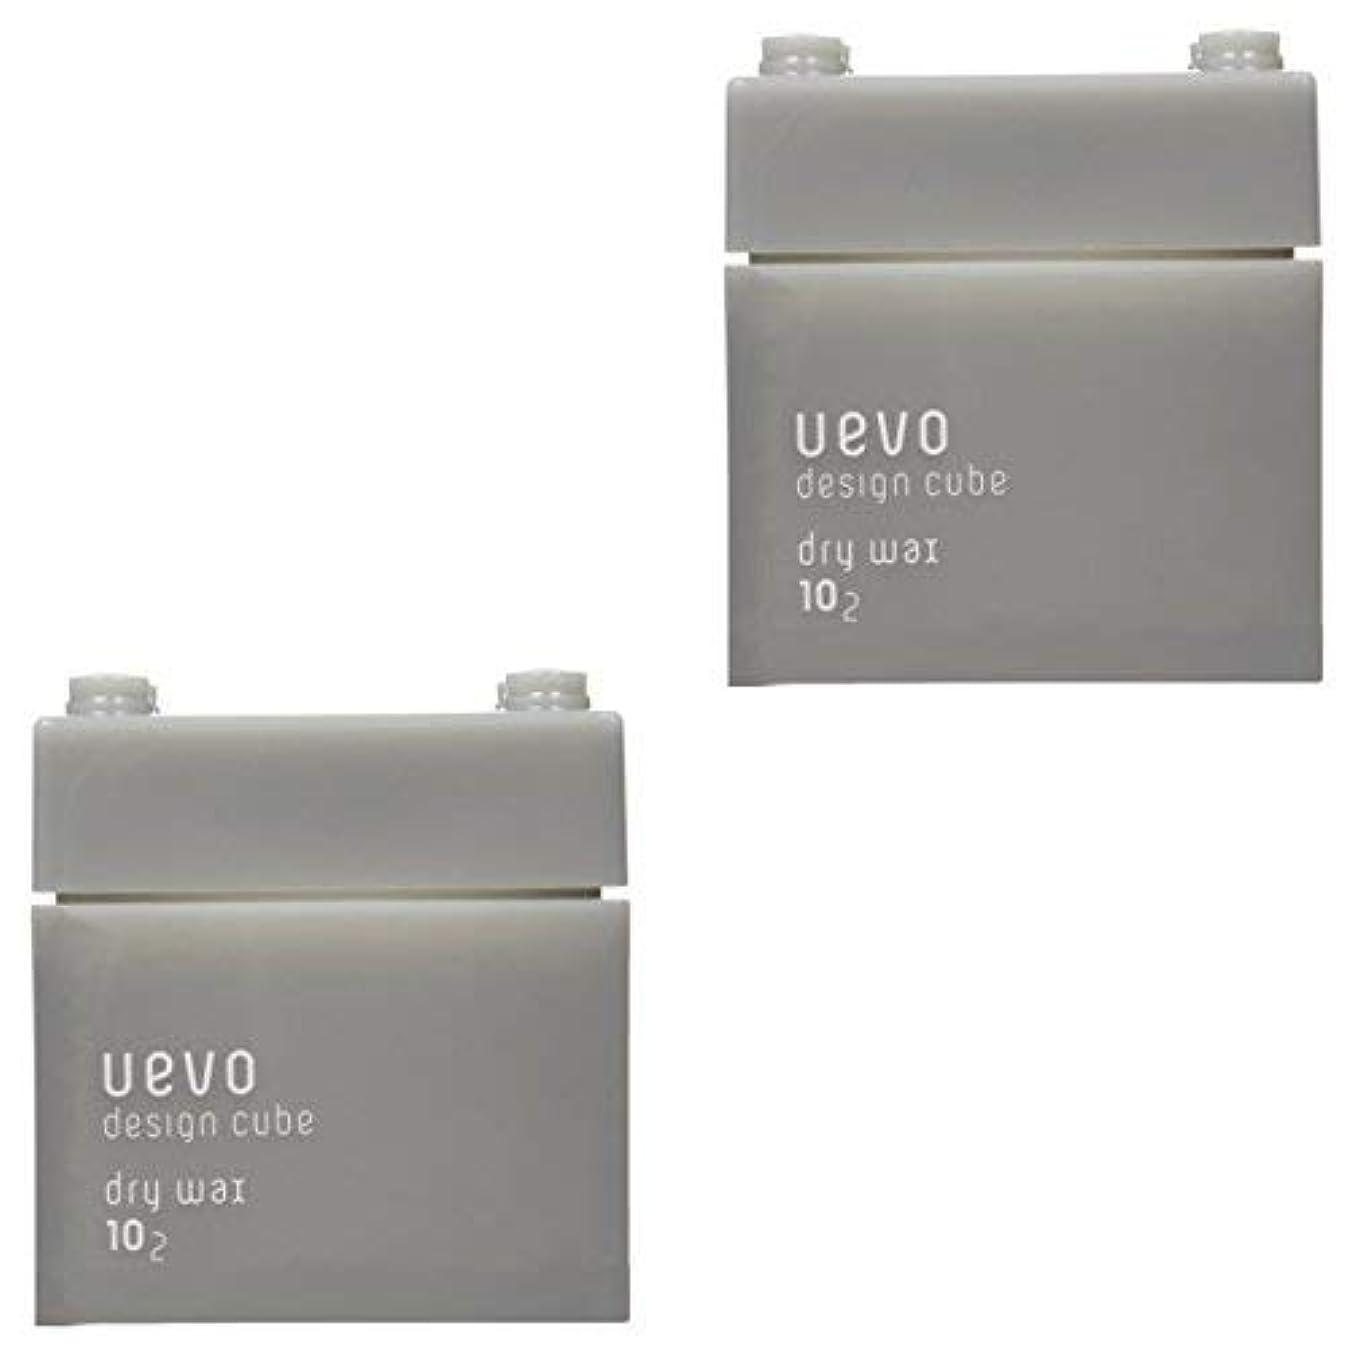 貯水池ビュッフェ追い出す【X2個セット】 デミ ウェーボ デザインキューブ ドライワックス 80g dry wax DEMI uevo design cube